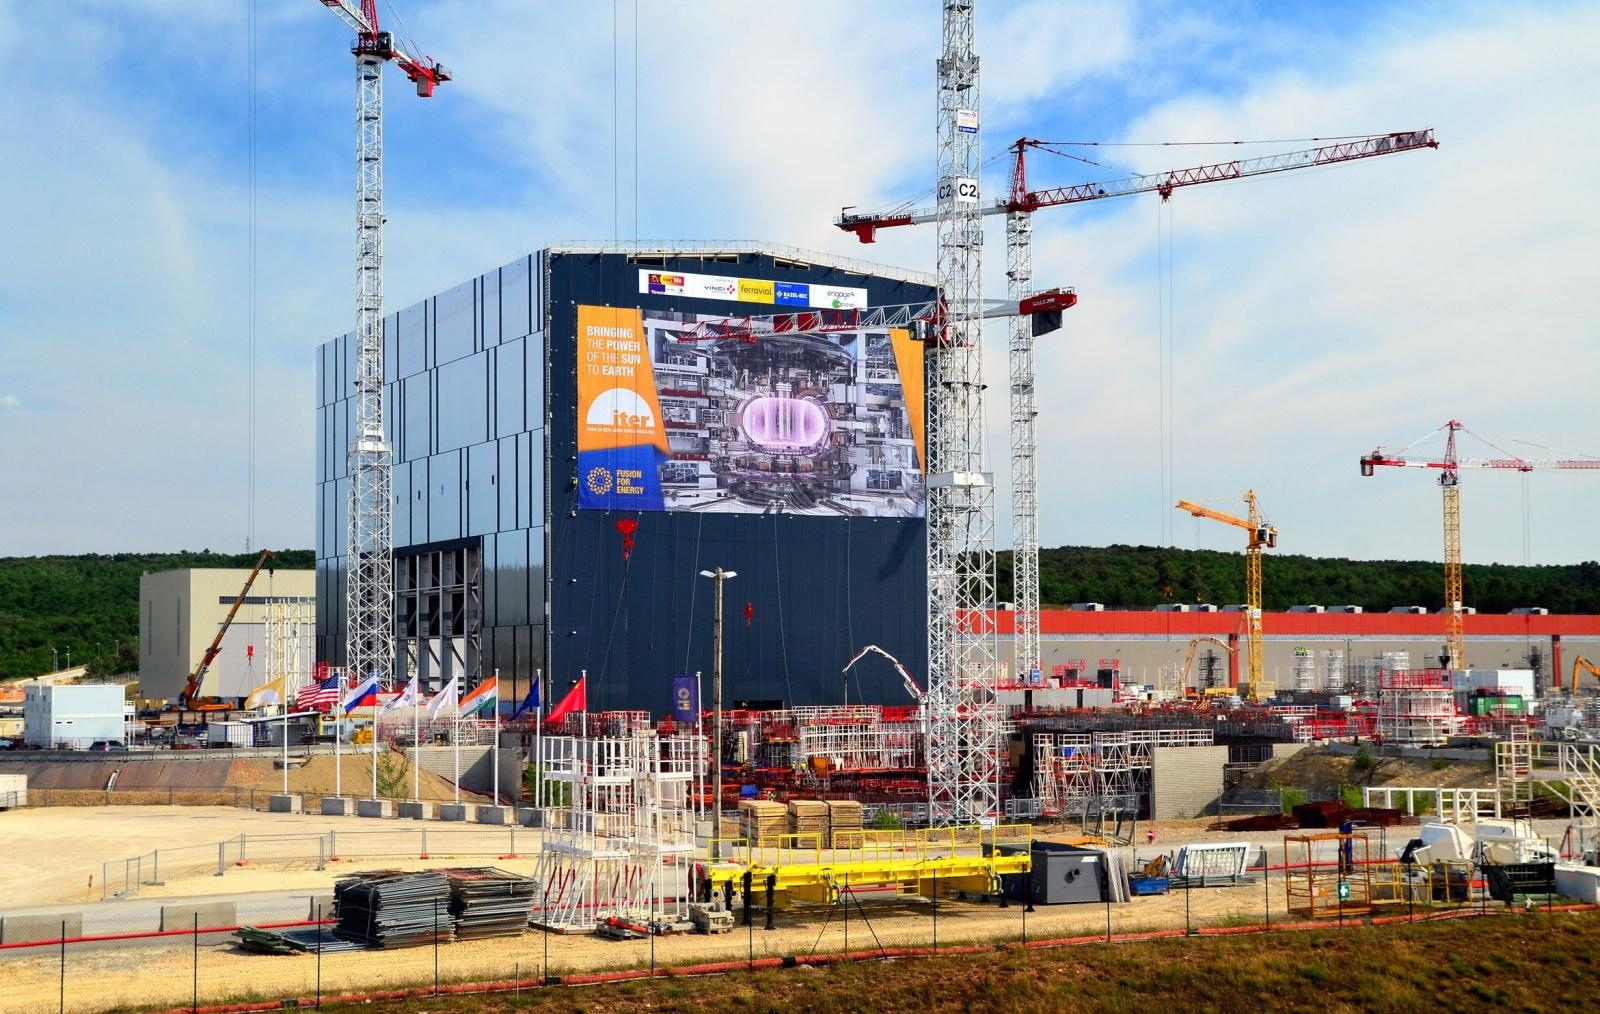 Строительство ИТЭР опережает график. Первая плазма запланирована на 2025 год - 6